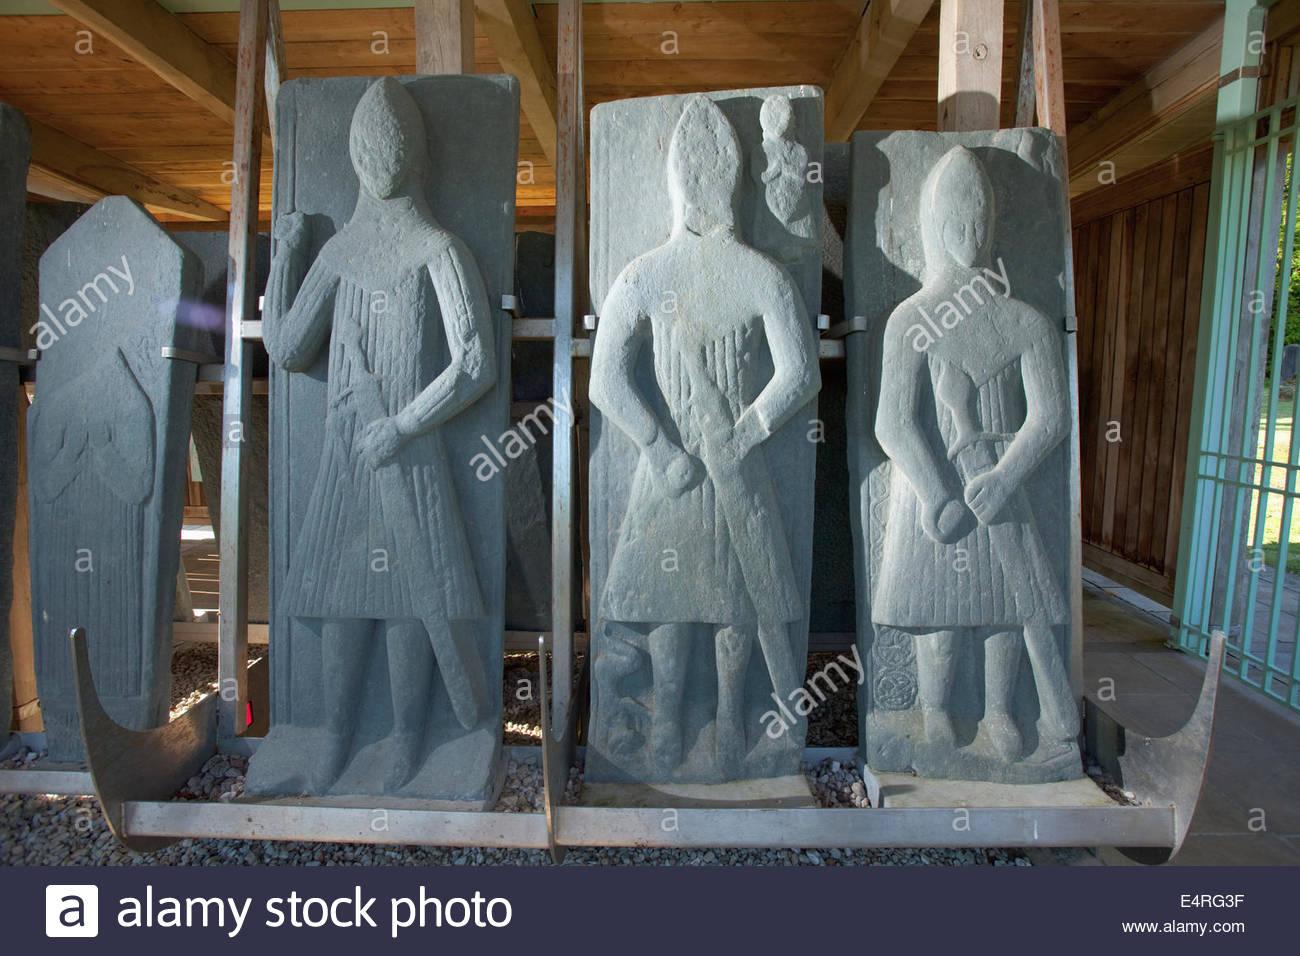 Carved Medieval Grave Slabs at Saddell Abbey, Saddell, Kintyre, Argyll, Scotland. - Stock Image